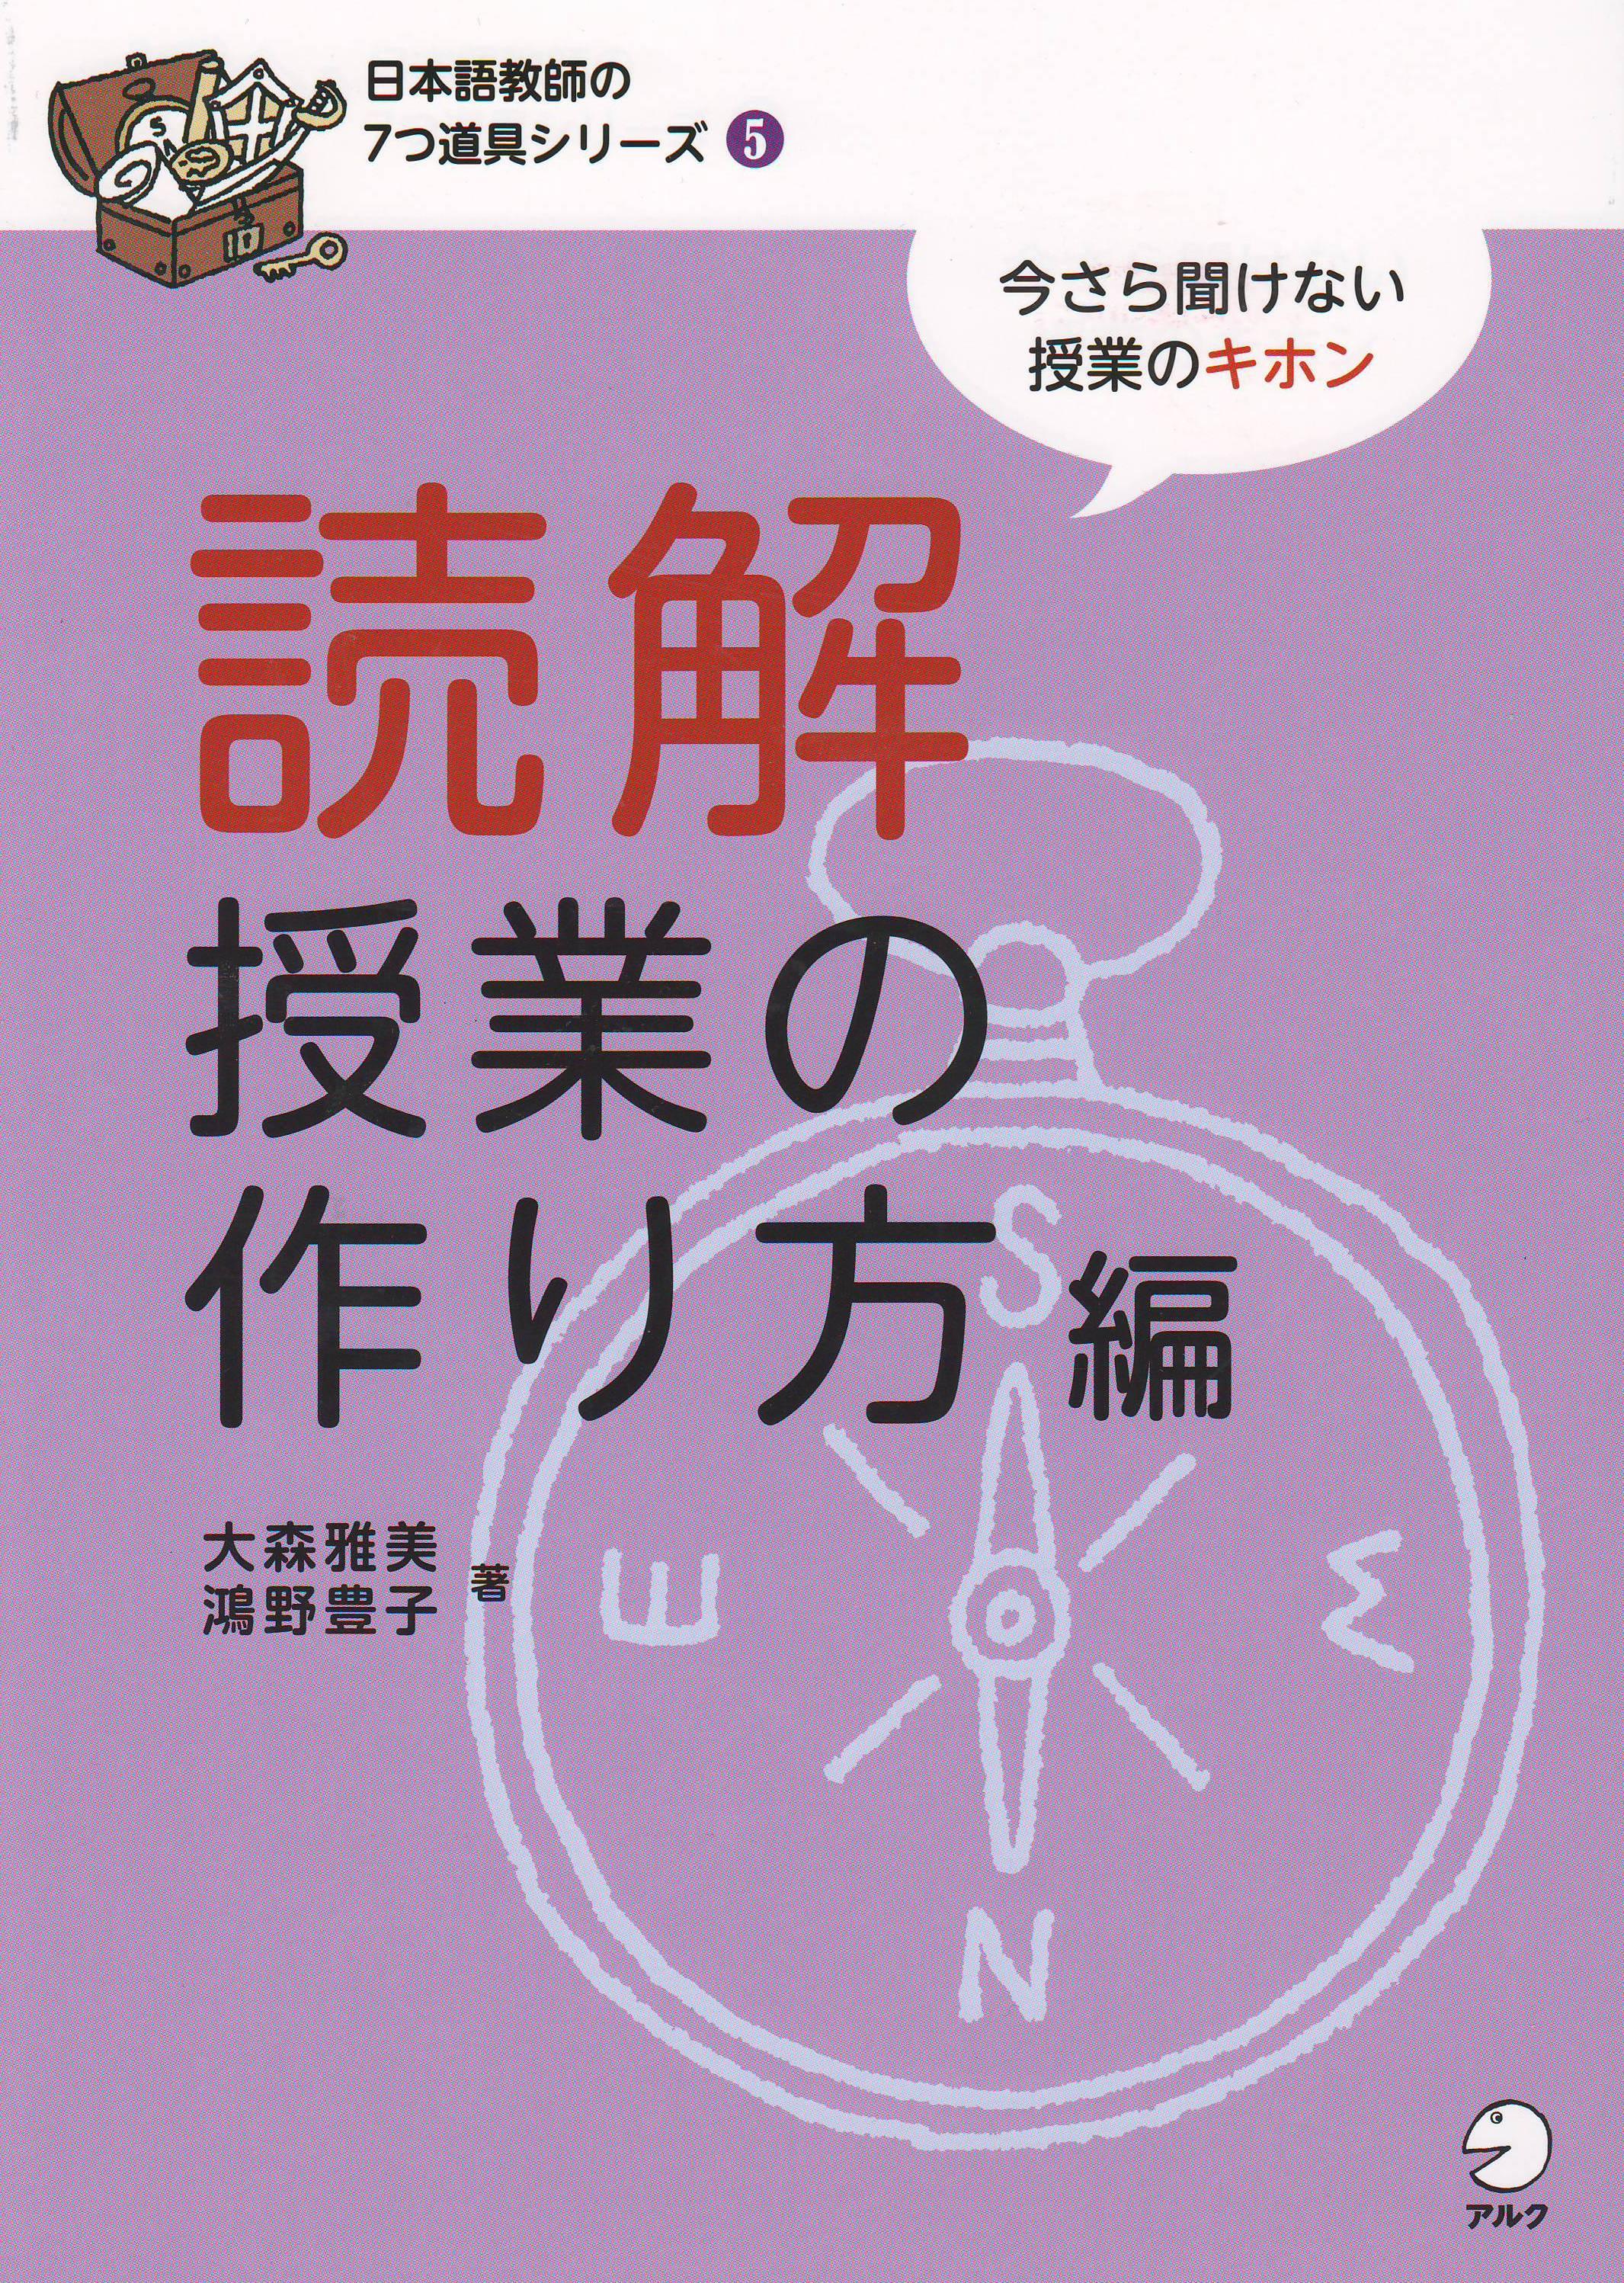 日本語教師7つ道具シリーズ5 読解授業の作り方編画像